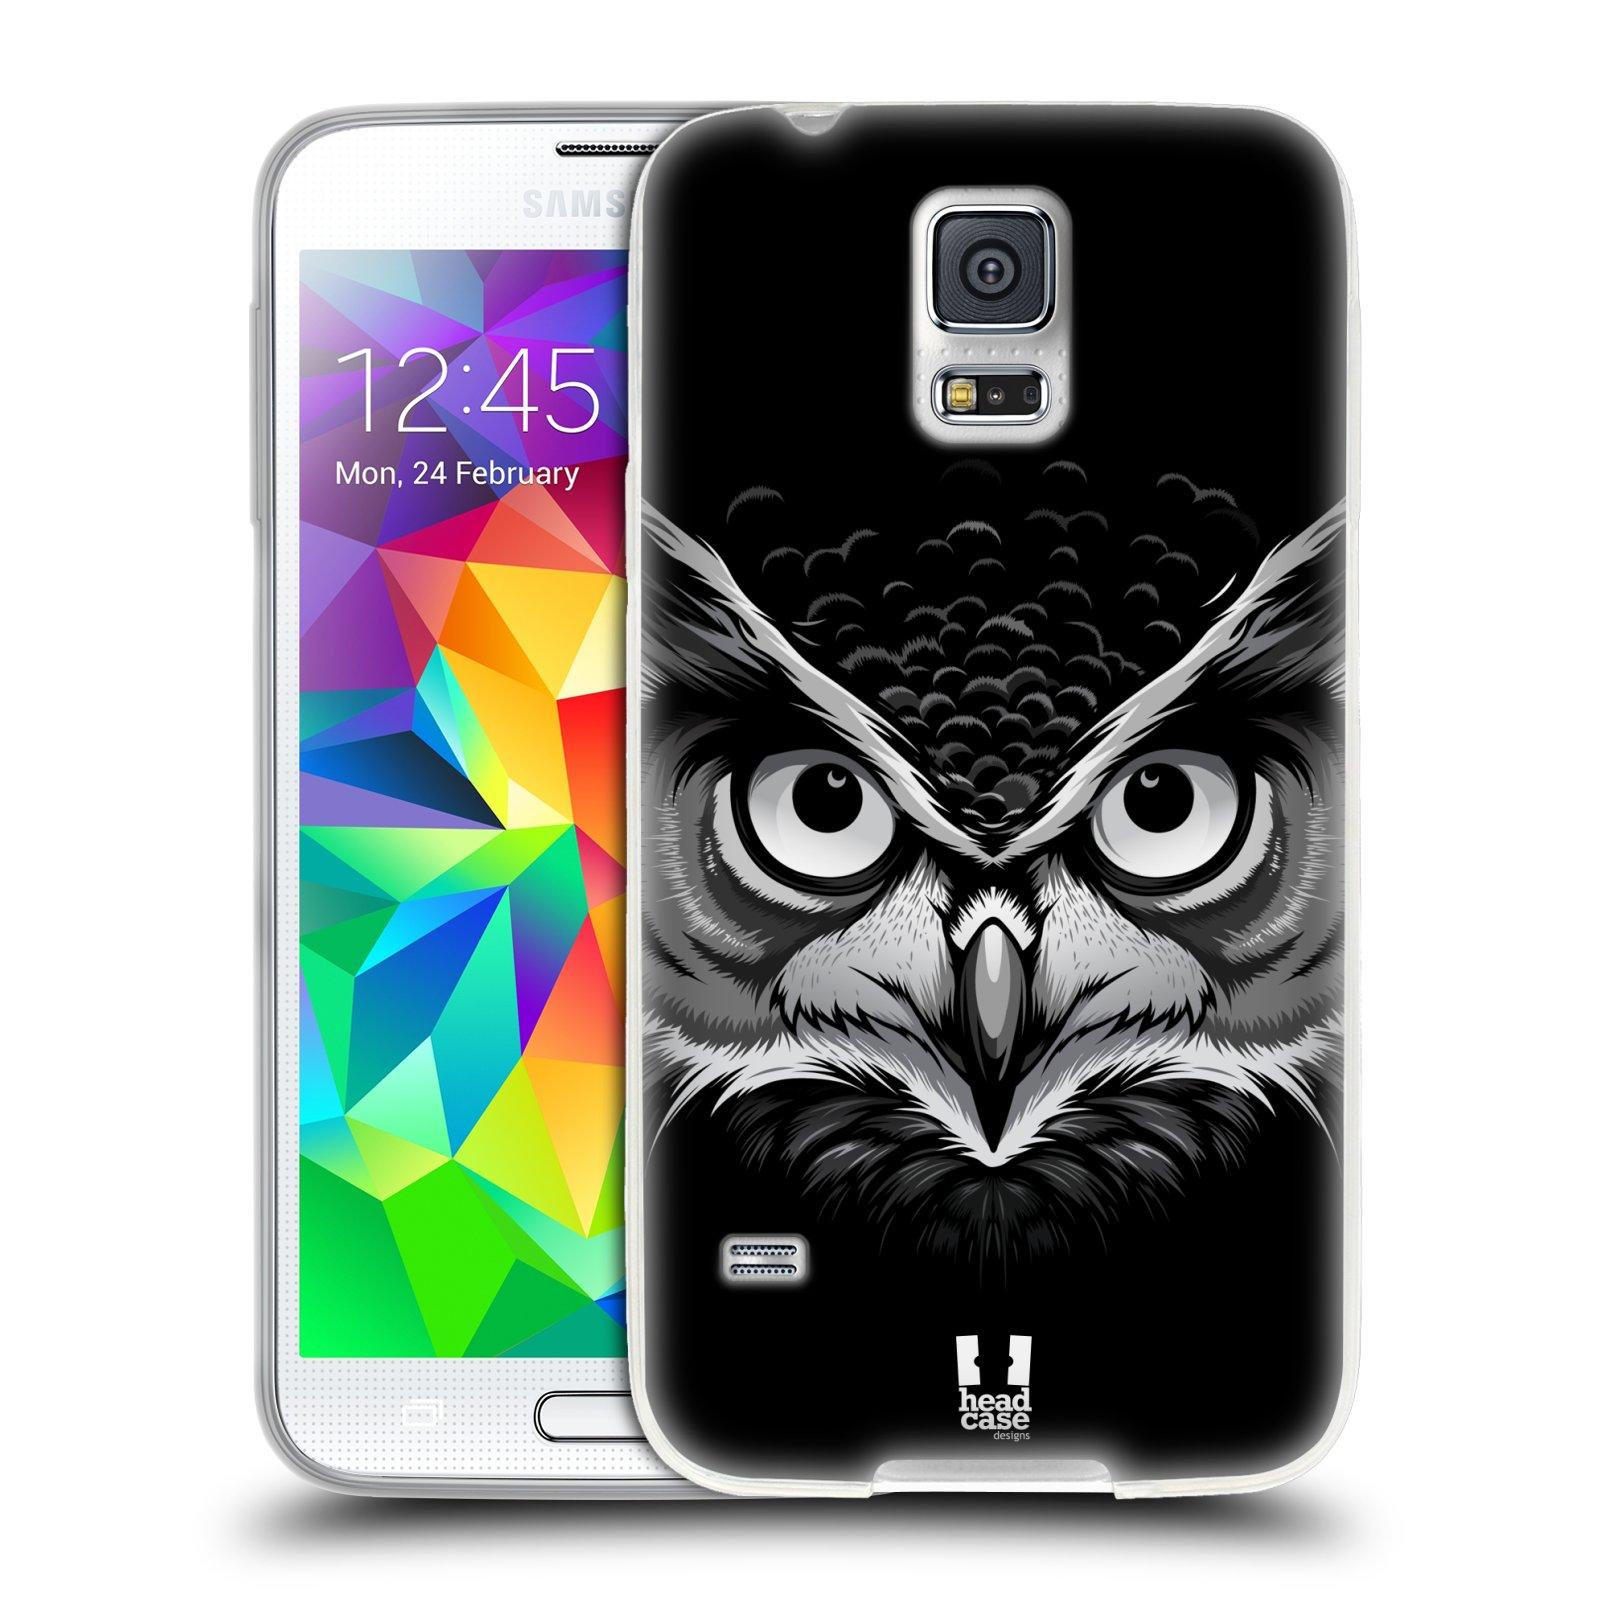 Silikonové pouzdro na mobil Samsung Galaxy S5 HEAD CASE ILUSTROVANÁ SOVA